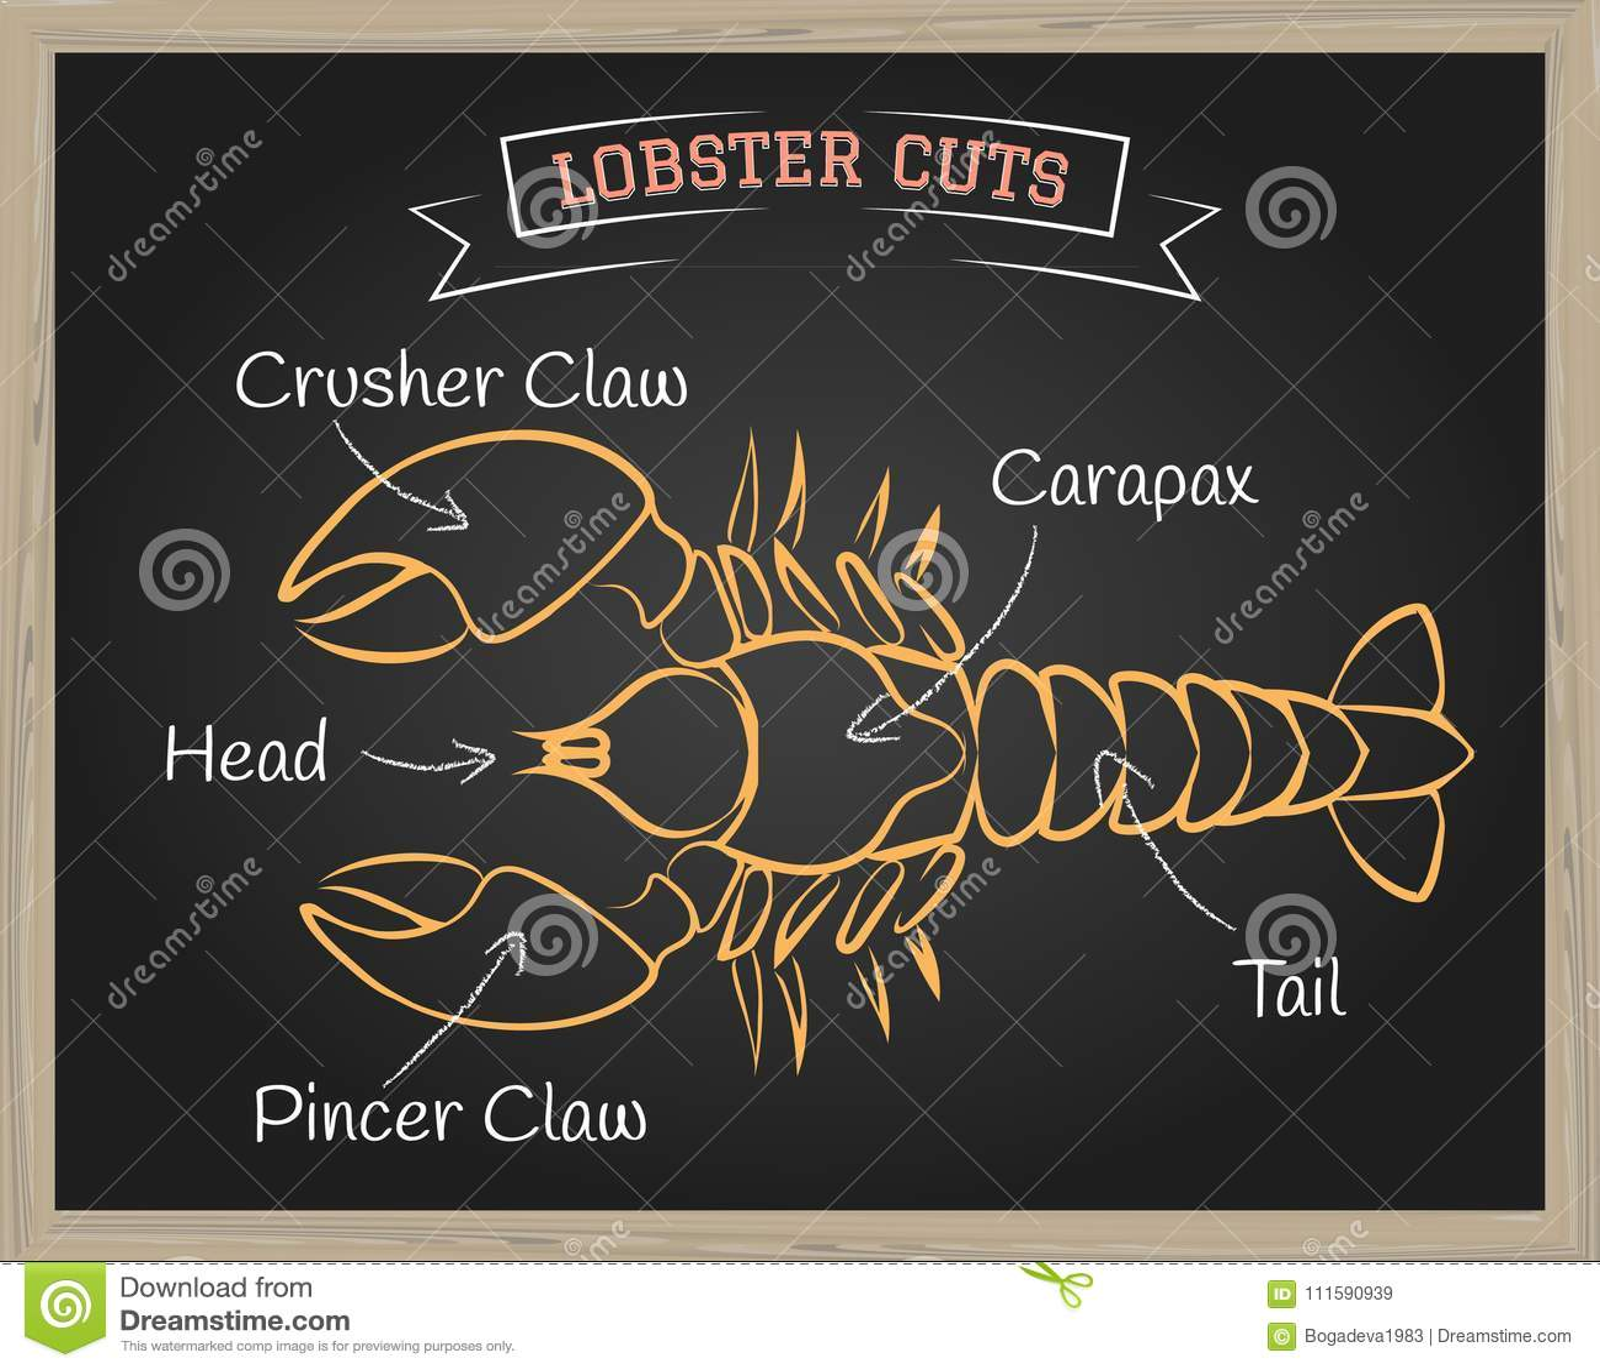 Lobster Cuts Illustration stock illustration. Illustration of animal ...